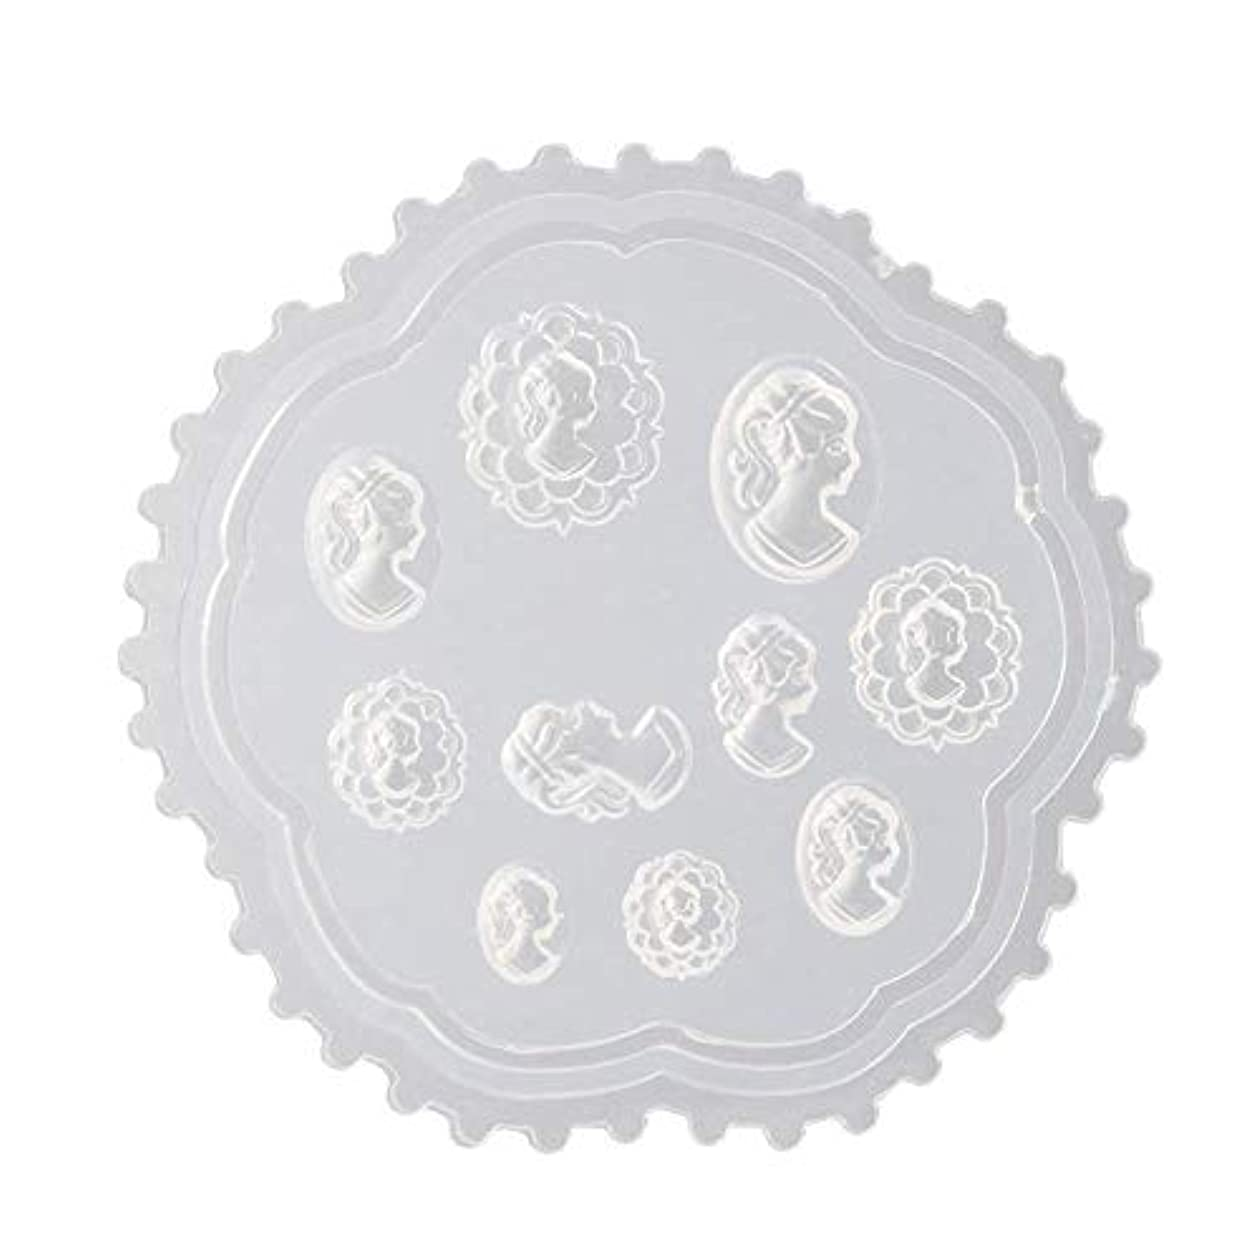 民間人足枷成長Flymylion 3Dシリコンモールド ネイル 葉 花 抜き型 3Dネイル用 レジンモールド UVレジン ネイルパーツ ジェル ネイル セット アクセサリー パーツ 作成 (2)